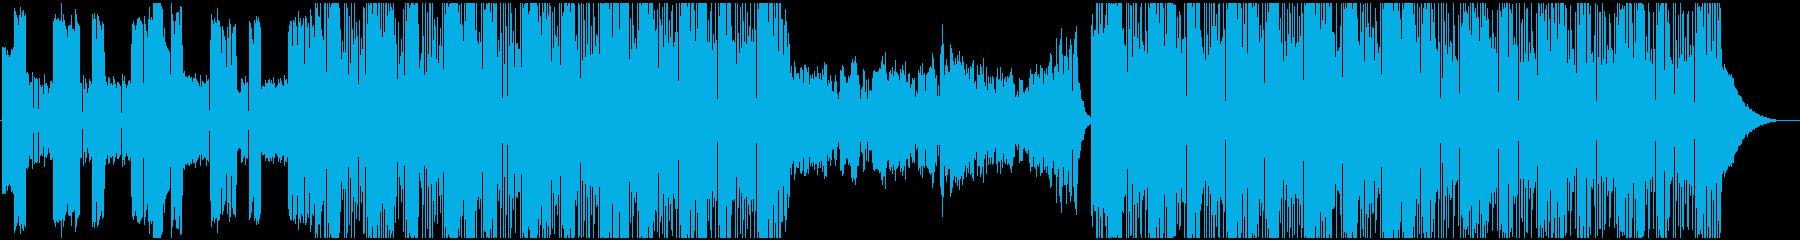 キルビル的戦闘向けデジタルロックBGMの再生済みの波形